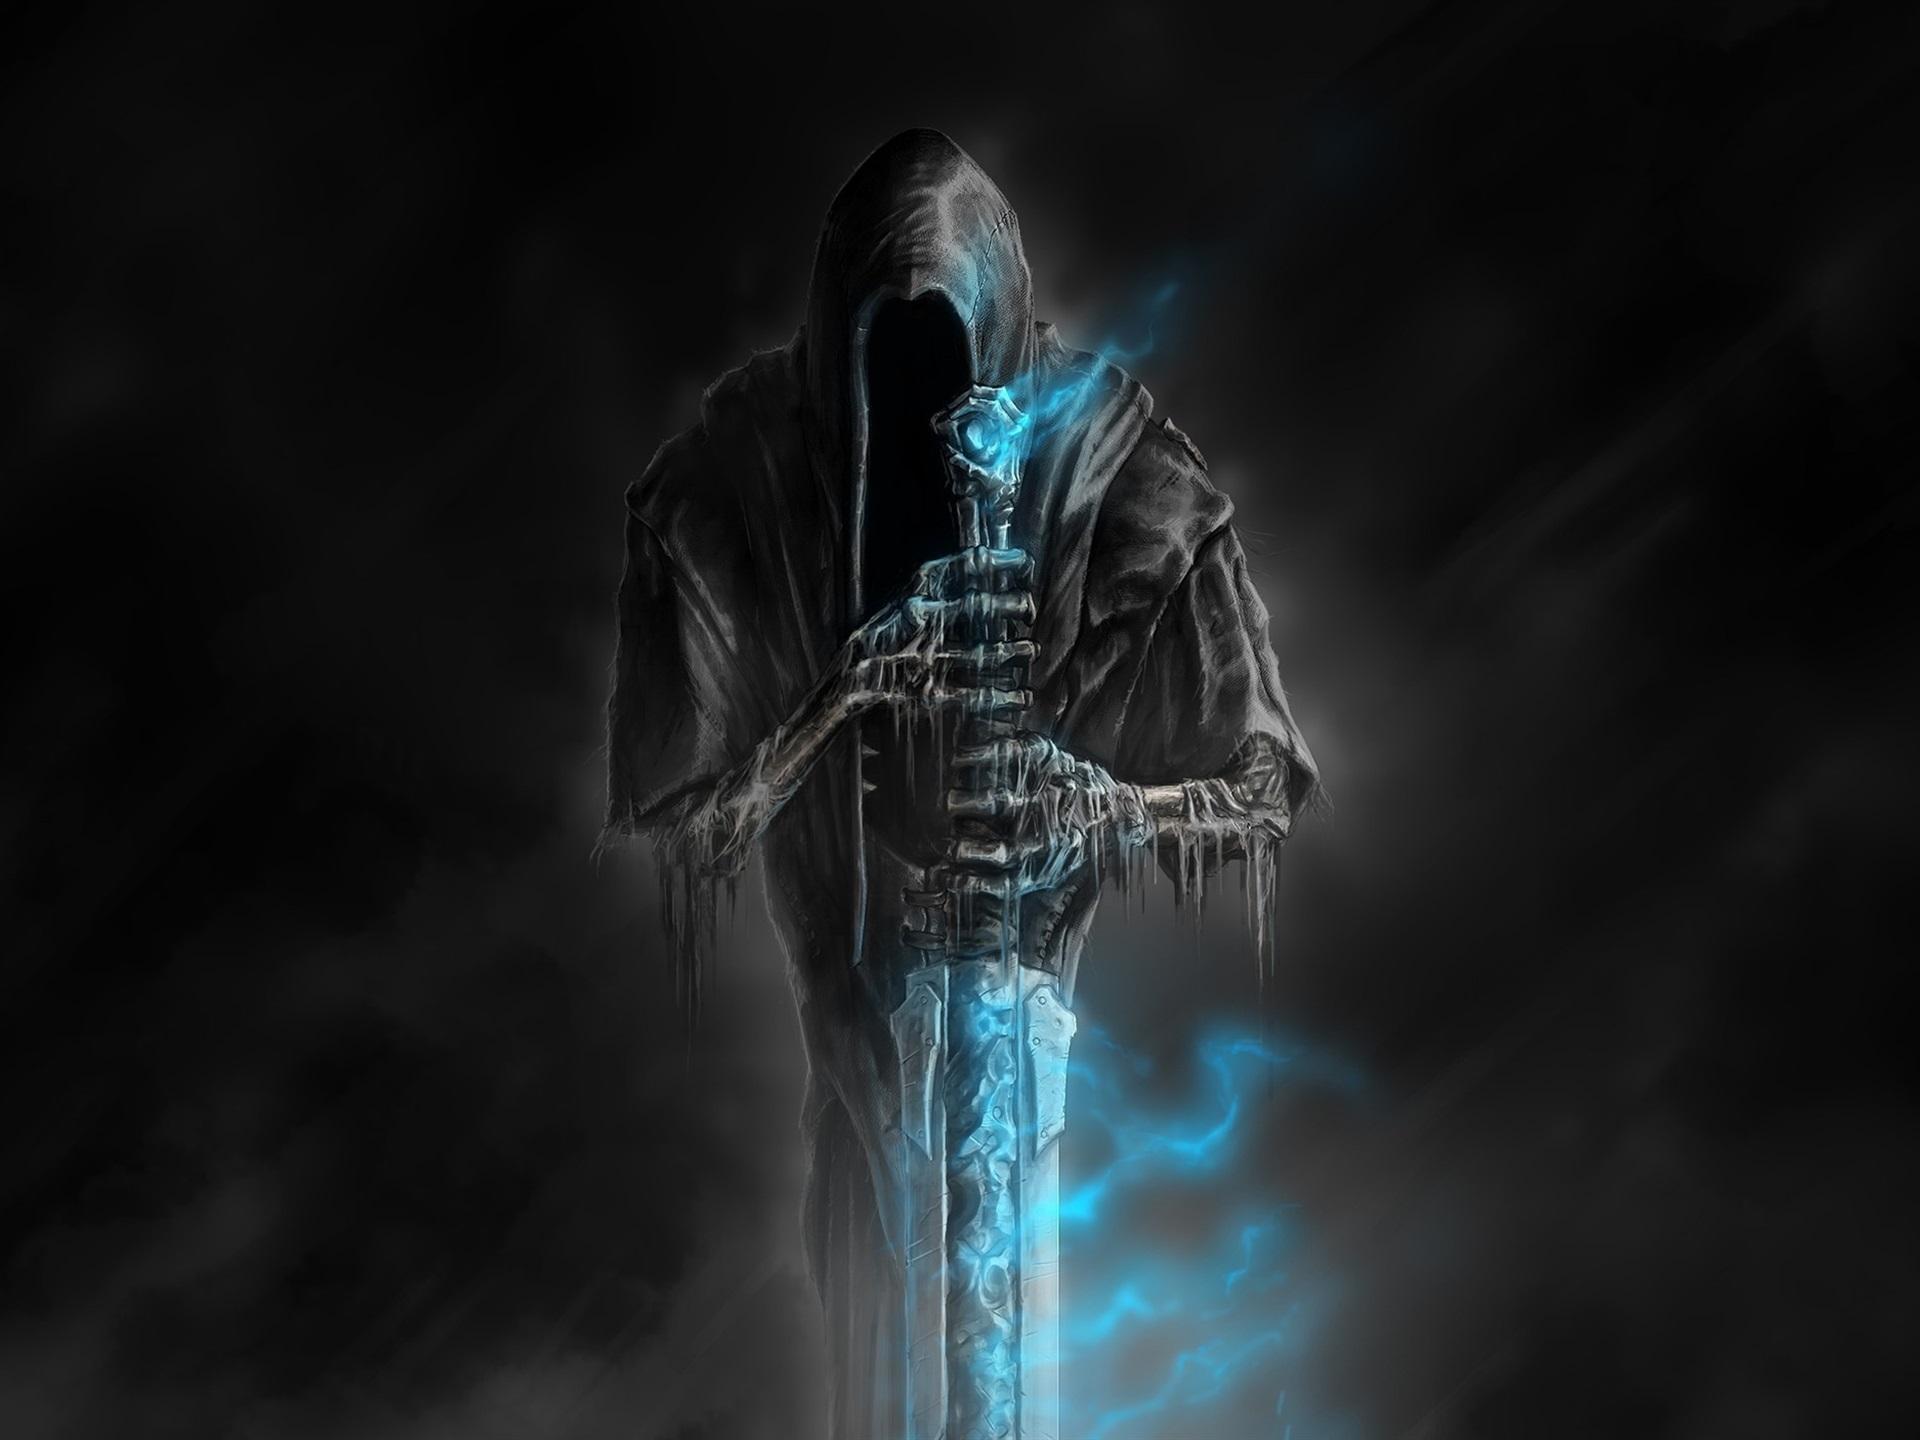 壁紙 ヘラルドへようこそ 恐怖 死 剣 闇 青い炎 1920x1440 Hd